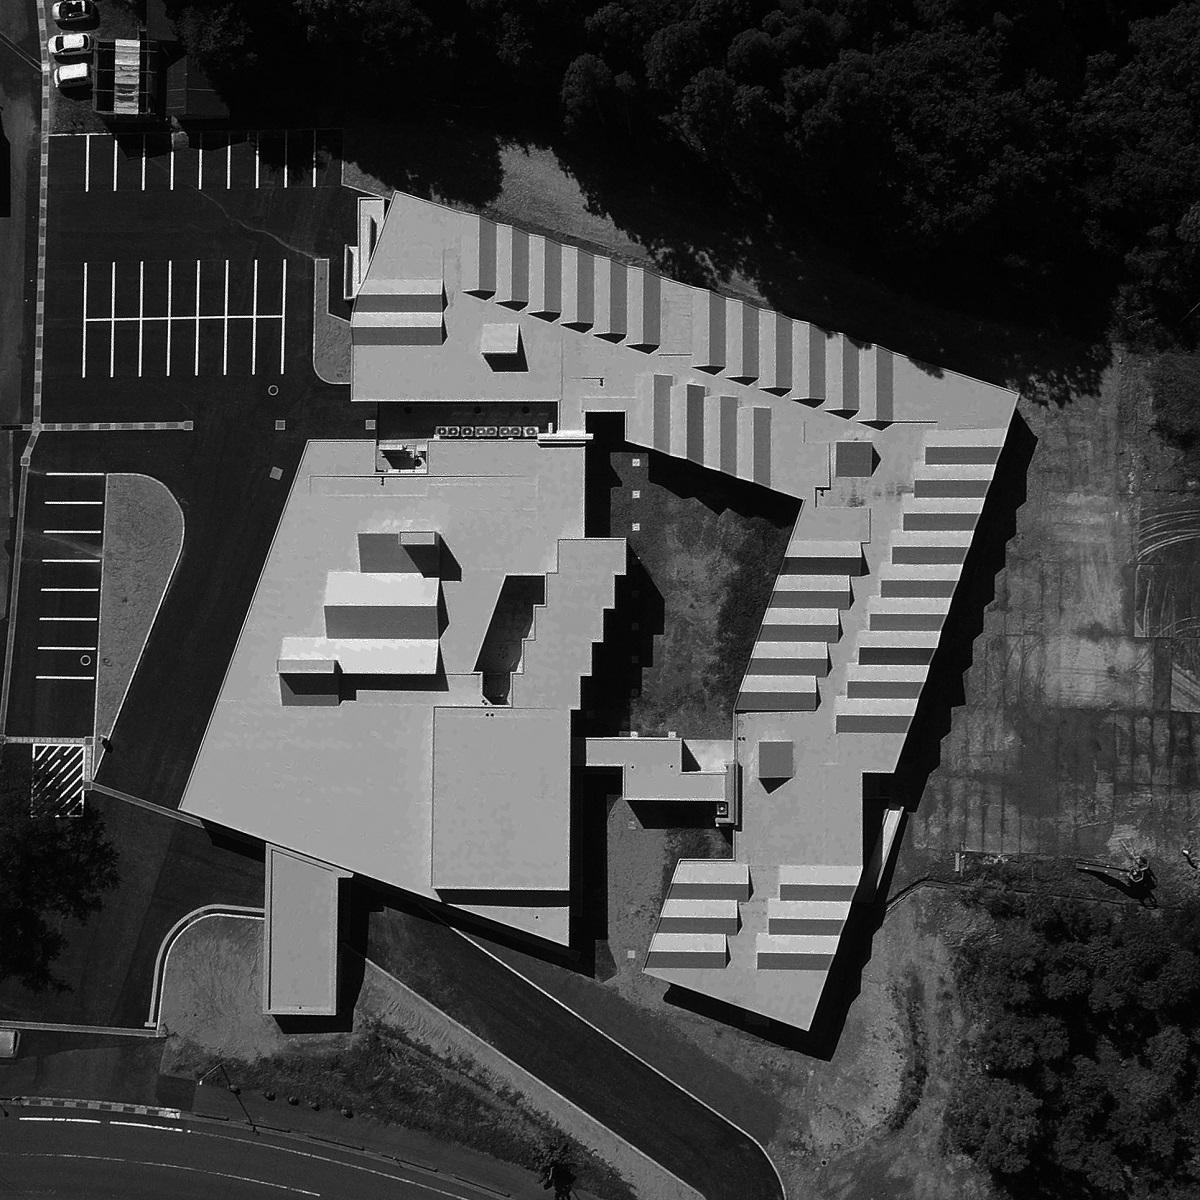 「まごころ学園」では、中庭を囲むように建物を配置した(写真:キッズデザイン協議会)